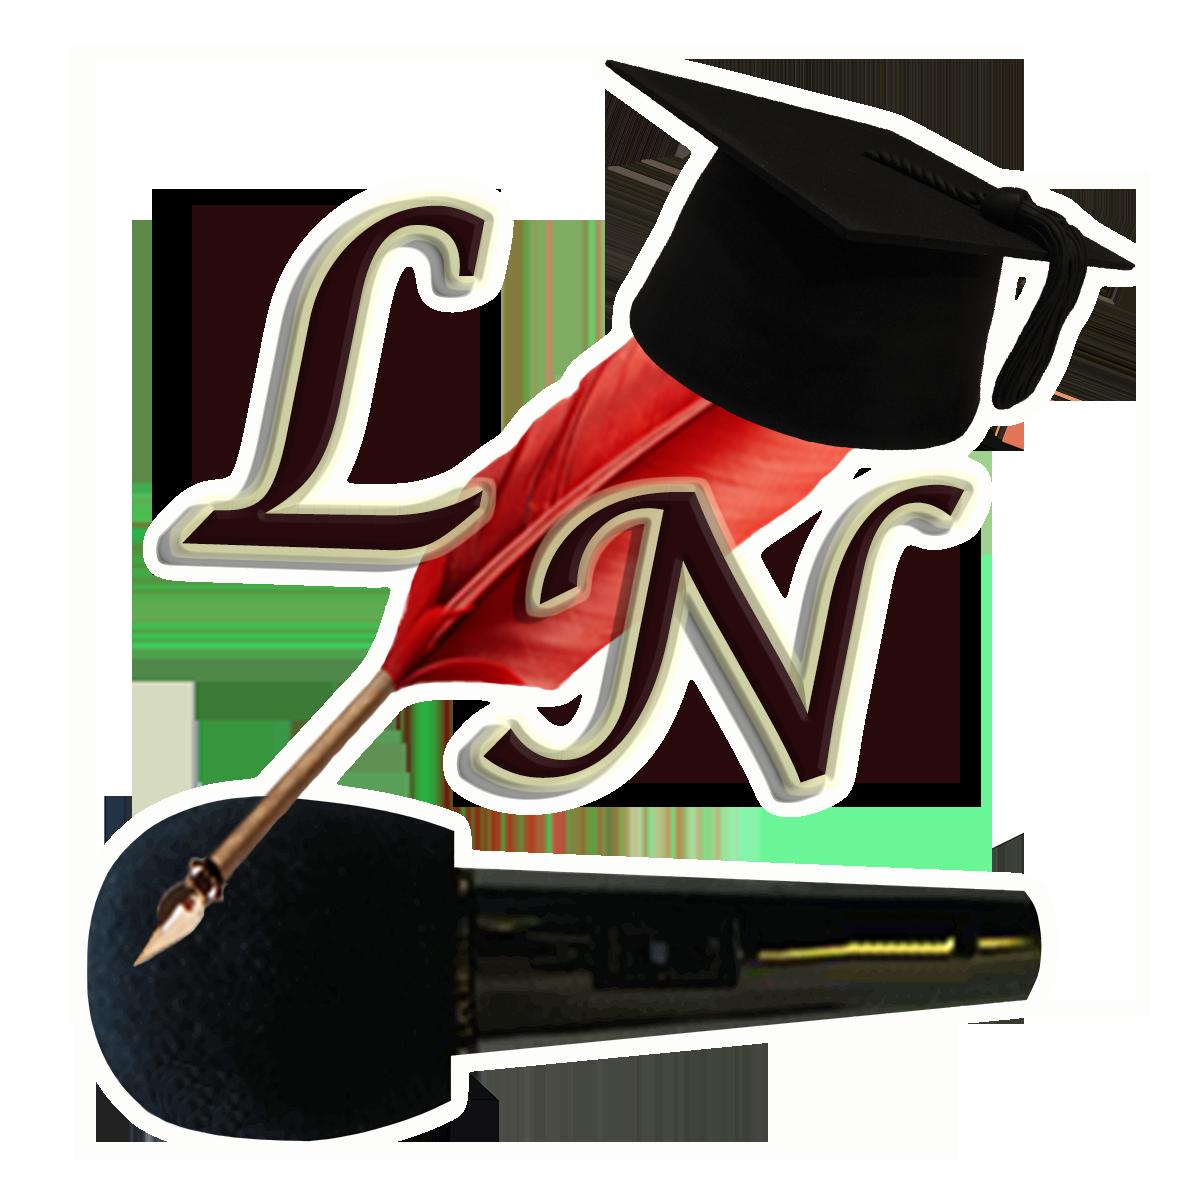 logo_liternauta_org_1200_borde_blanco